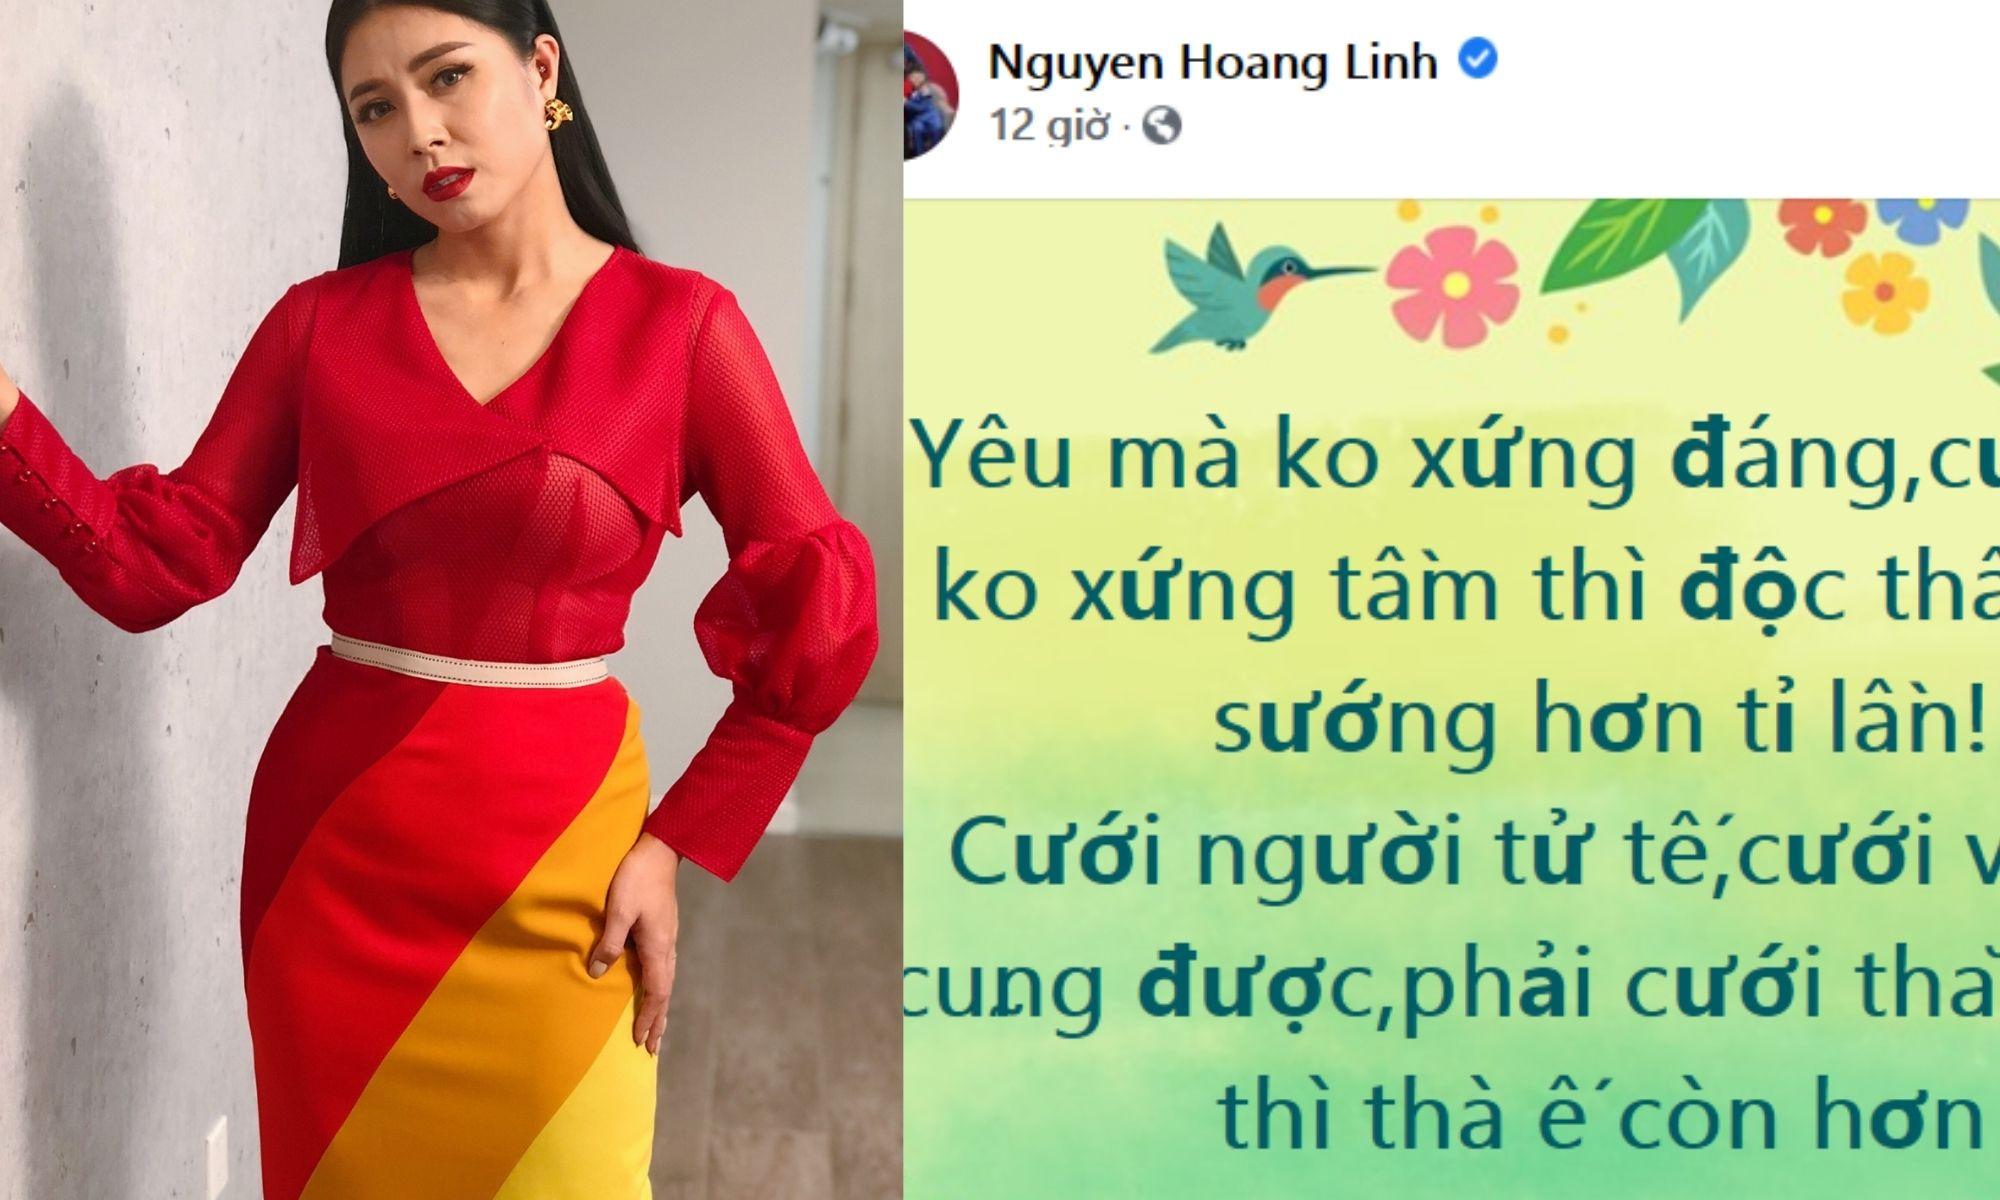 MC Nguyễn Hoàng Linh nêu rõ quan điểm: